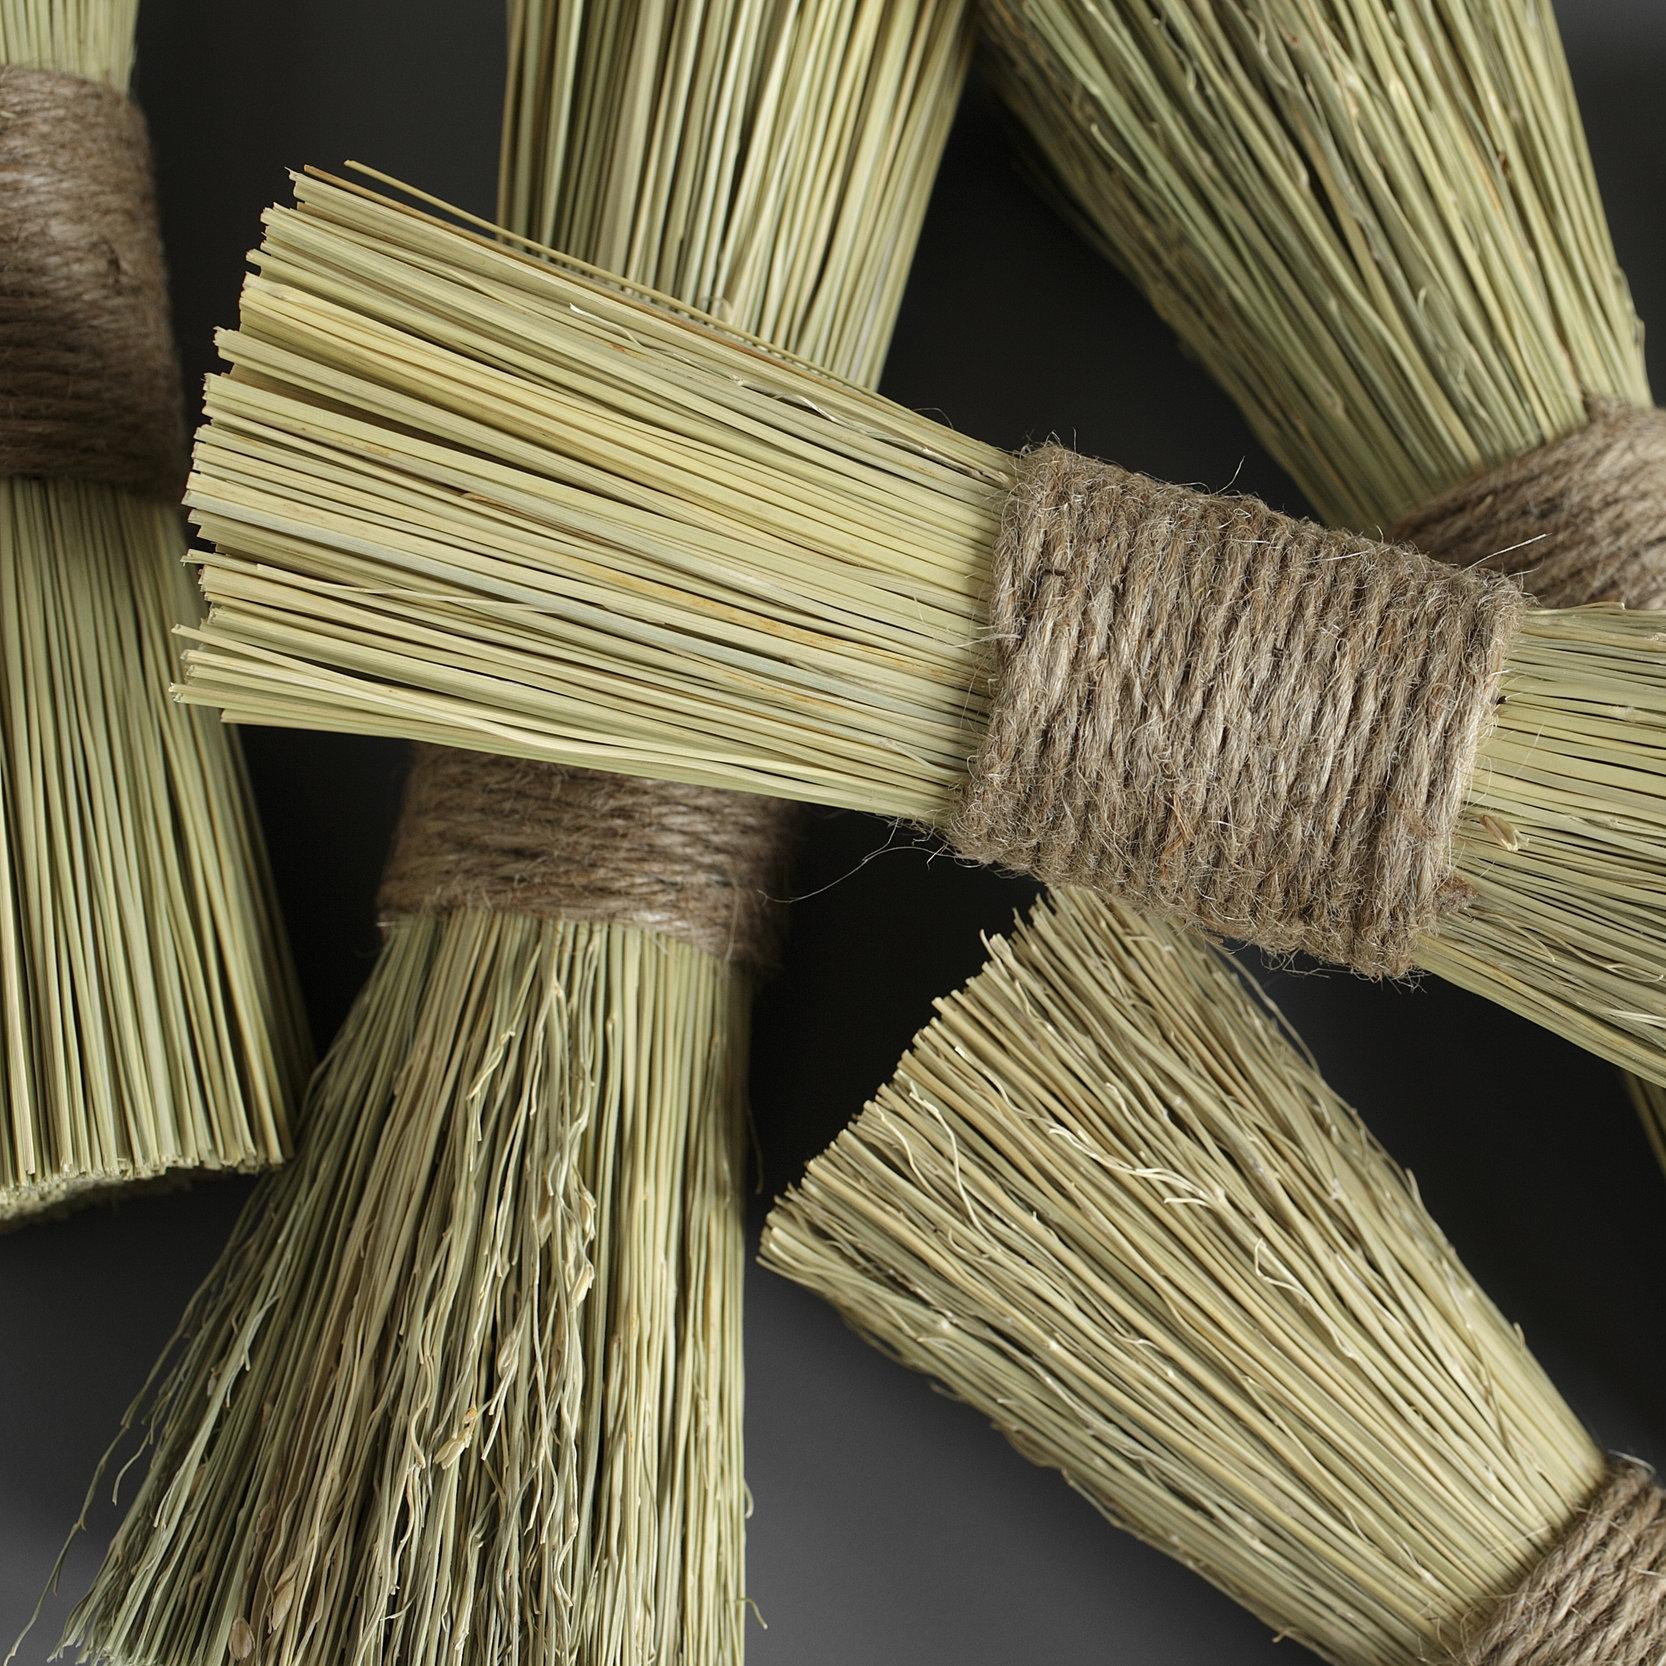 Pot Scrubbers: Haydenville Broomworks